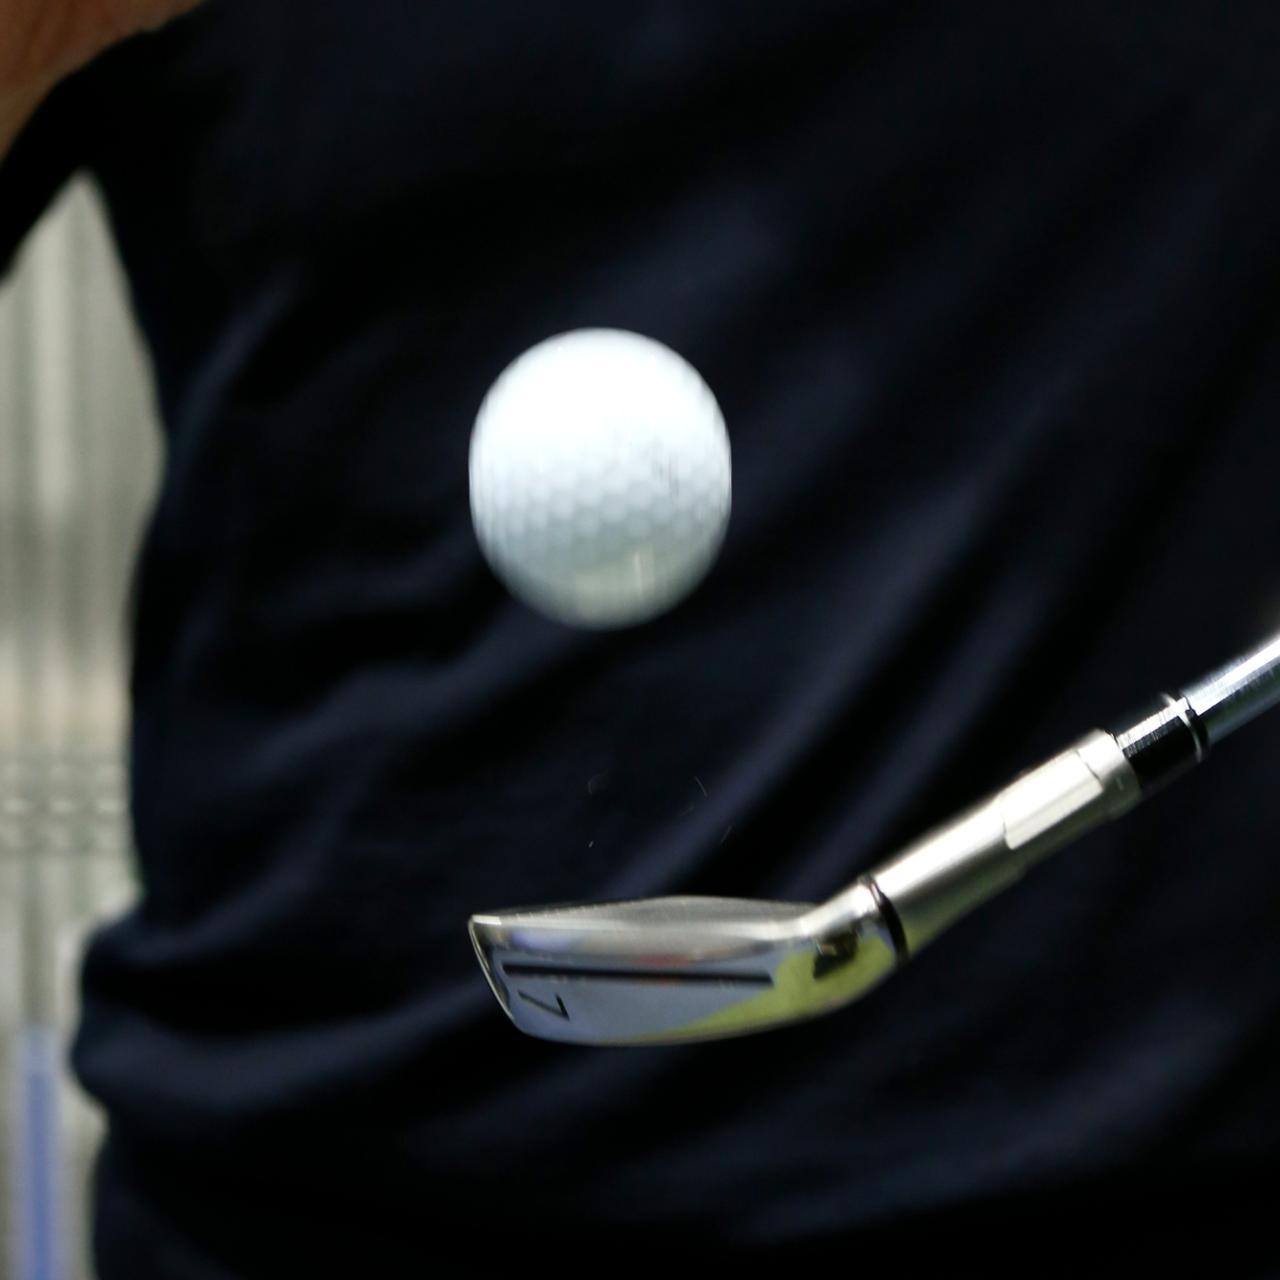 画像: 超複合ヘッドなのに打感がソフト。「振動吸収材のおかげか、打感もフィーリングも抜群にいいです」